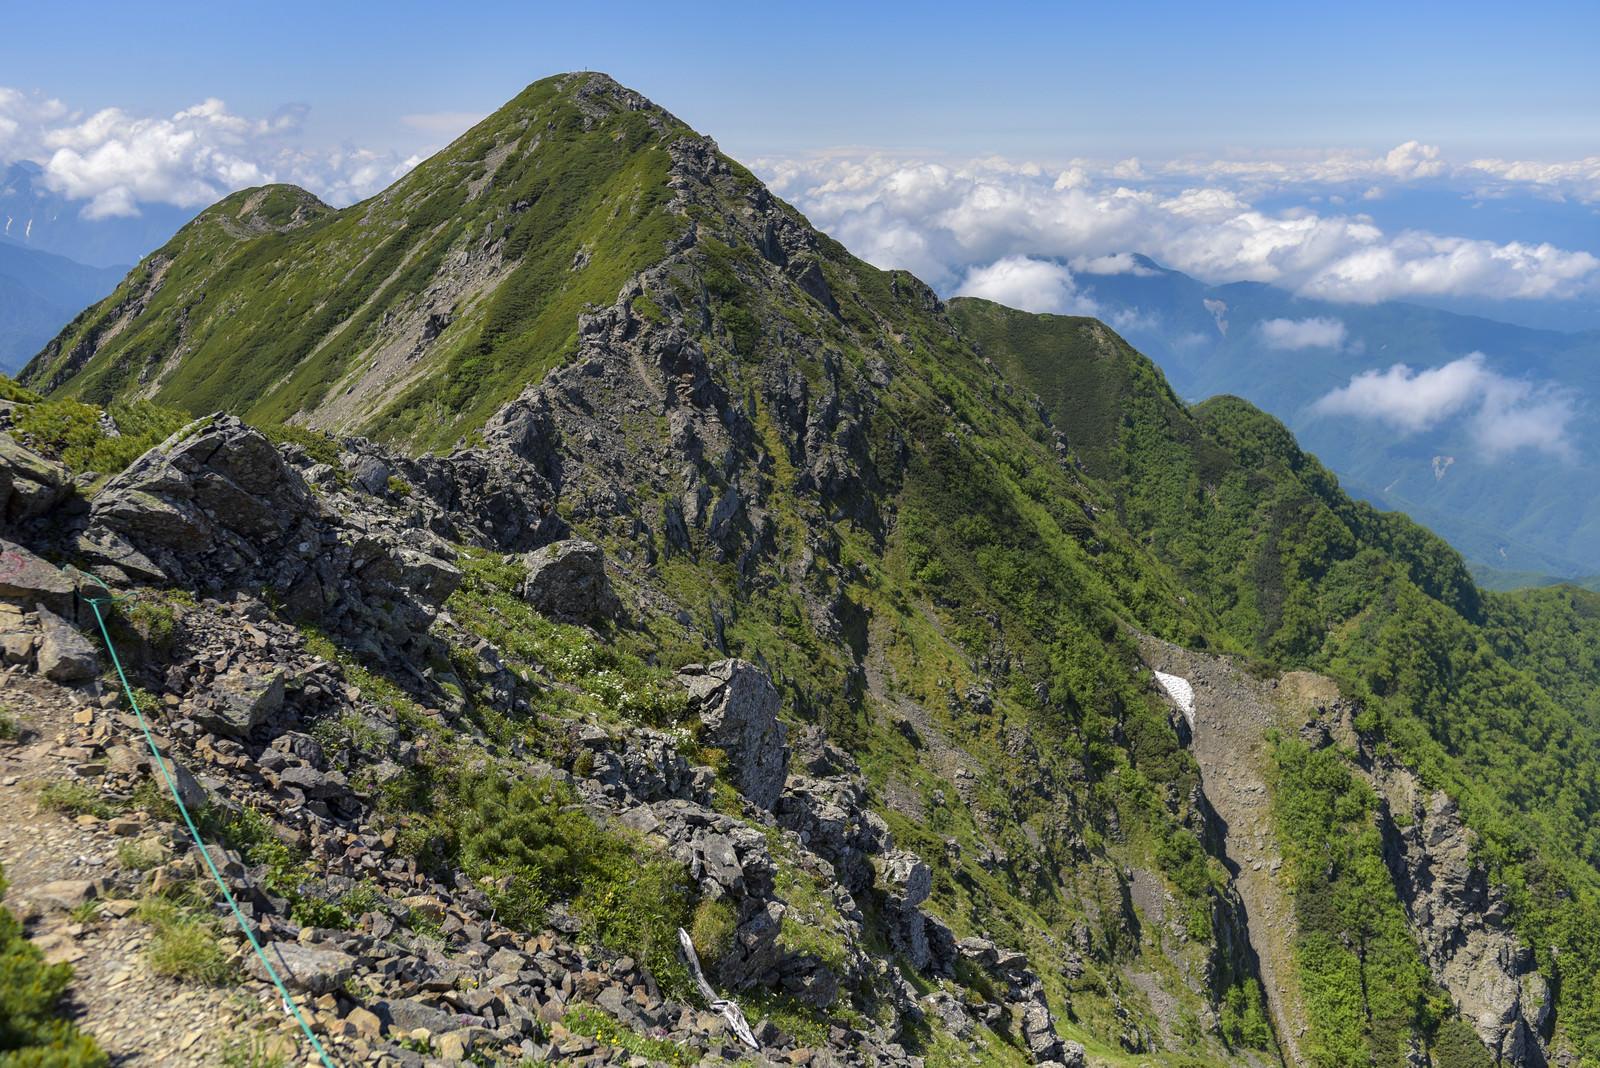 「仙丈ヶ岳方面から大仙ヶ丈岳方面へ向かう稜線」の写真